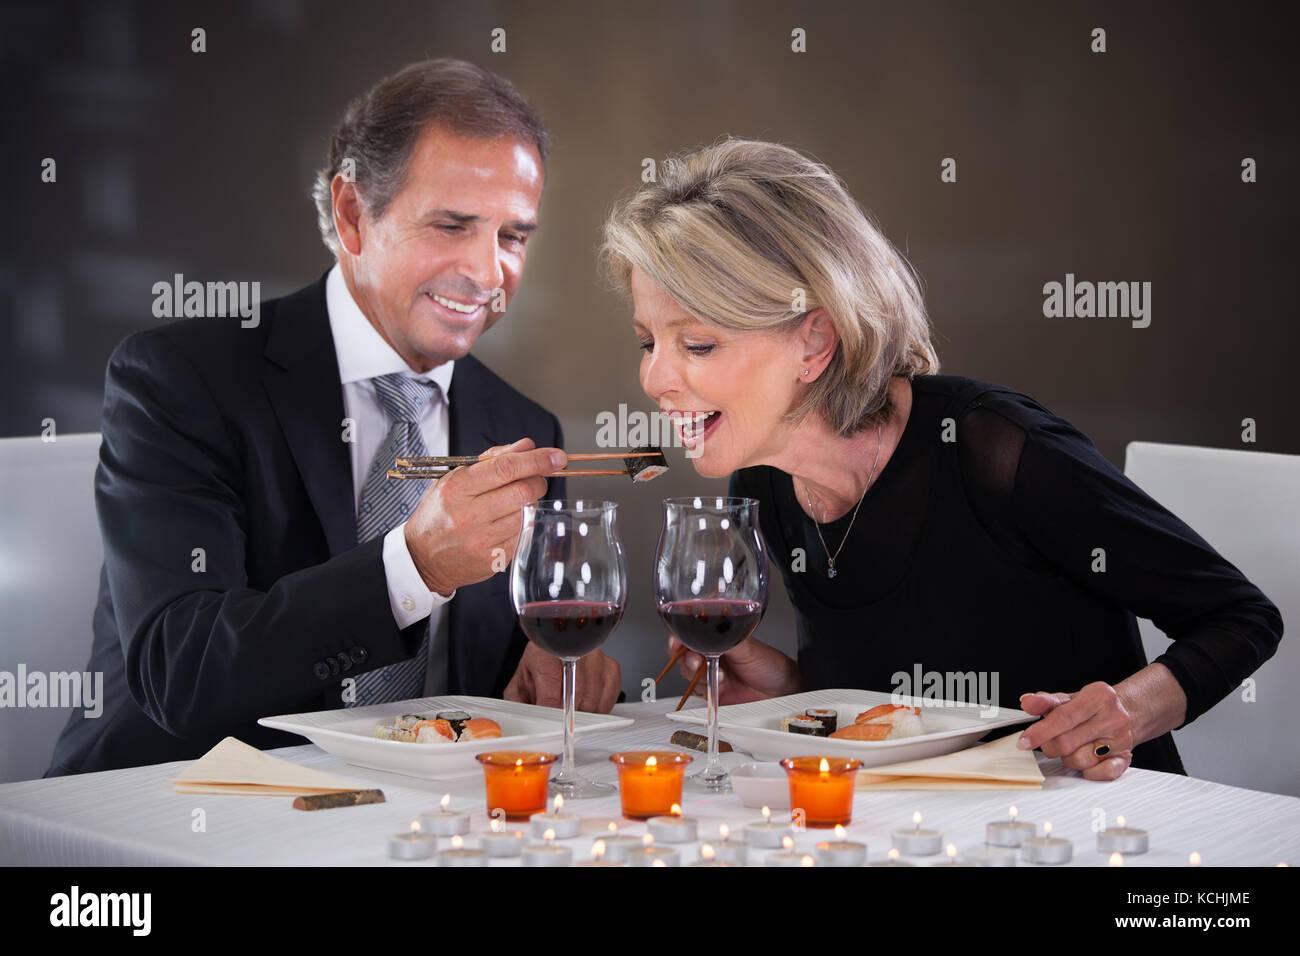 Romántica pareja cenando en el restaurante Imagen De Stock